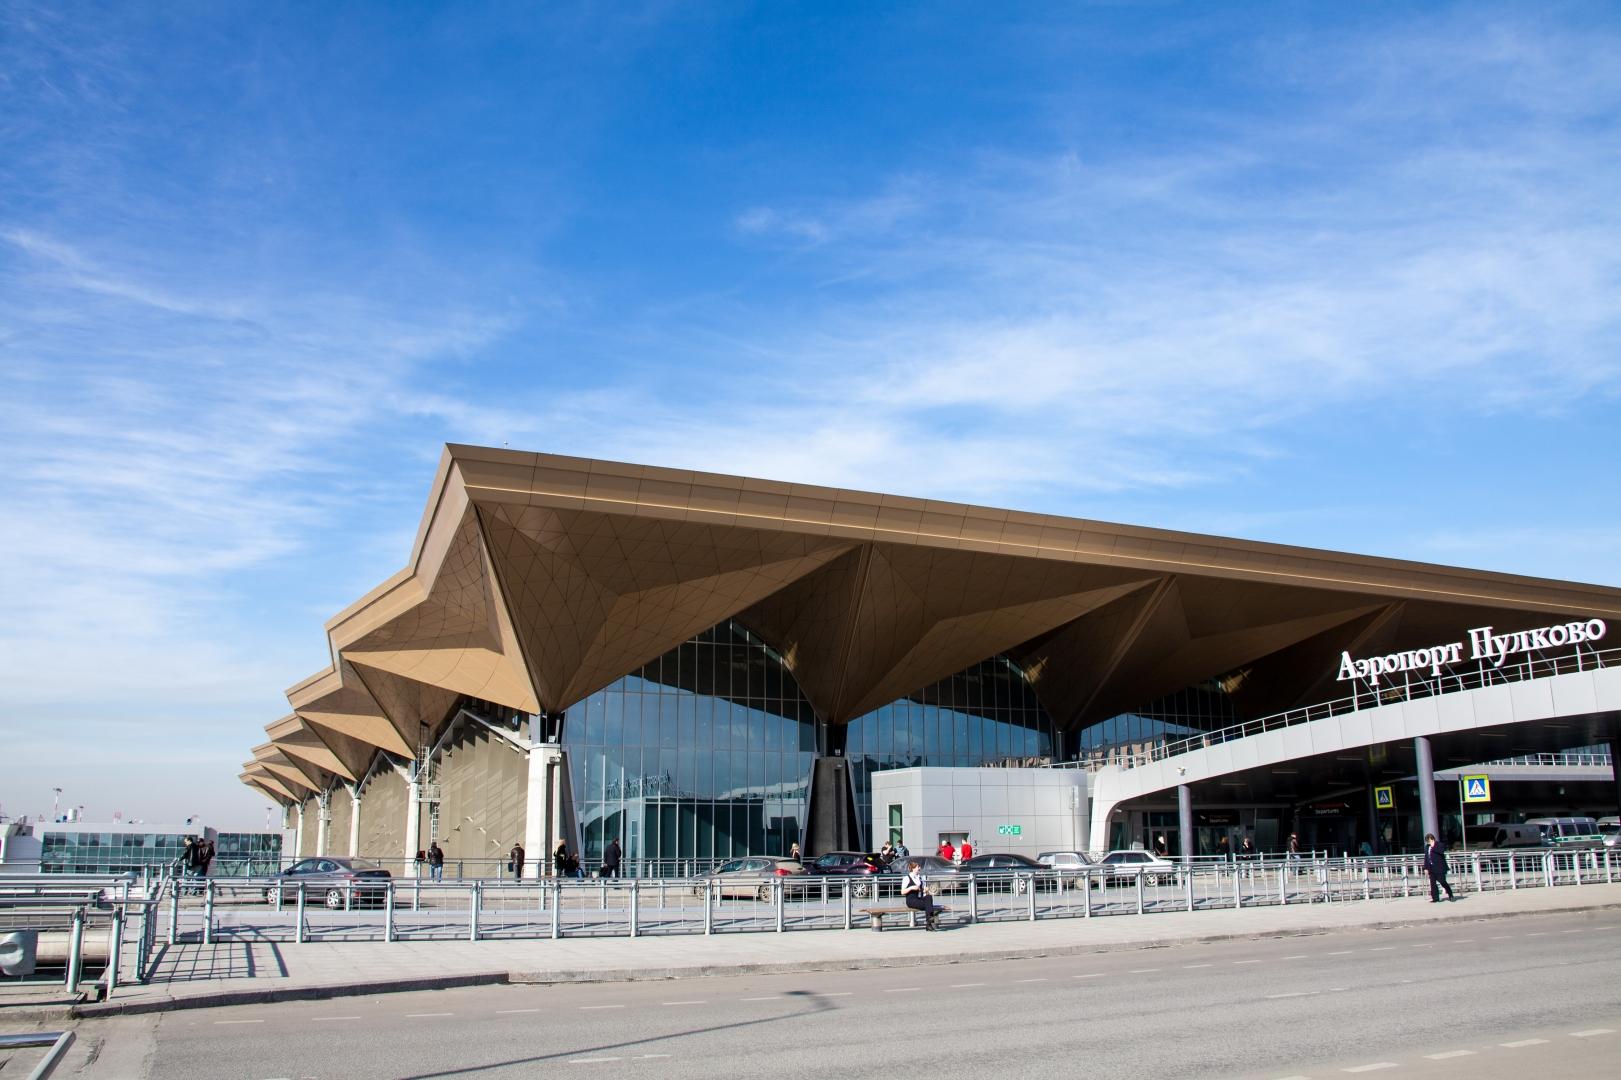 Какие российские аэропорты пассажиры любят больше всего, Туристам Коломны, Россия где отдохнуть аэропорт